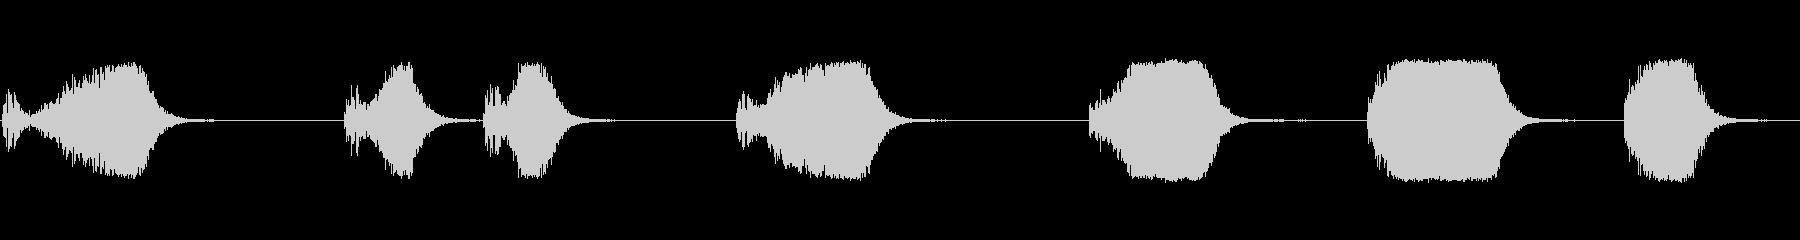 ヒューシュフランジエアマルチdの未再生の波形